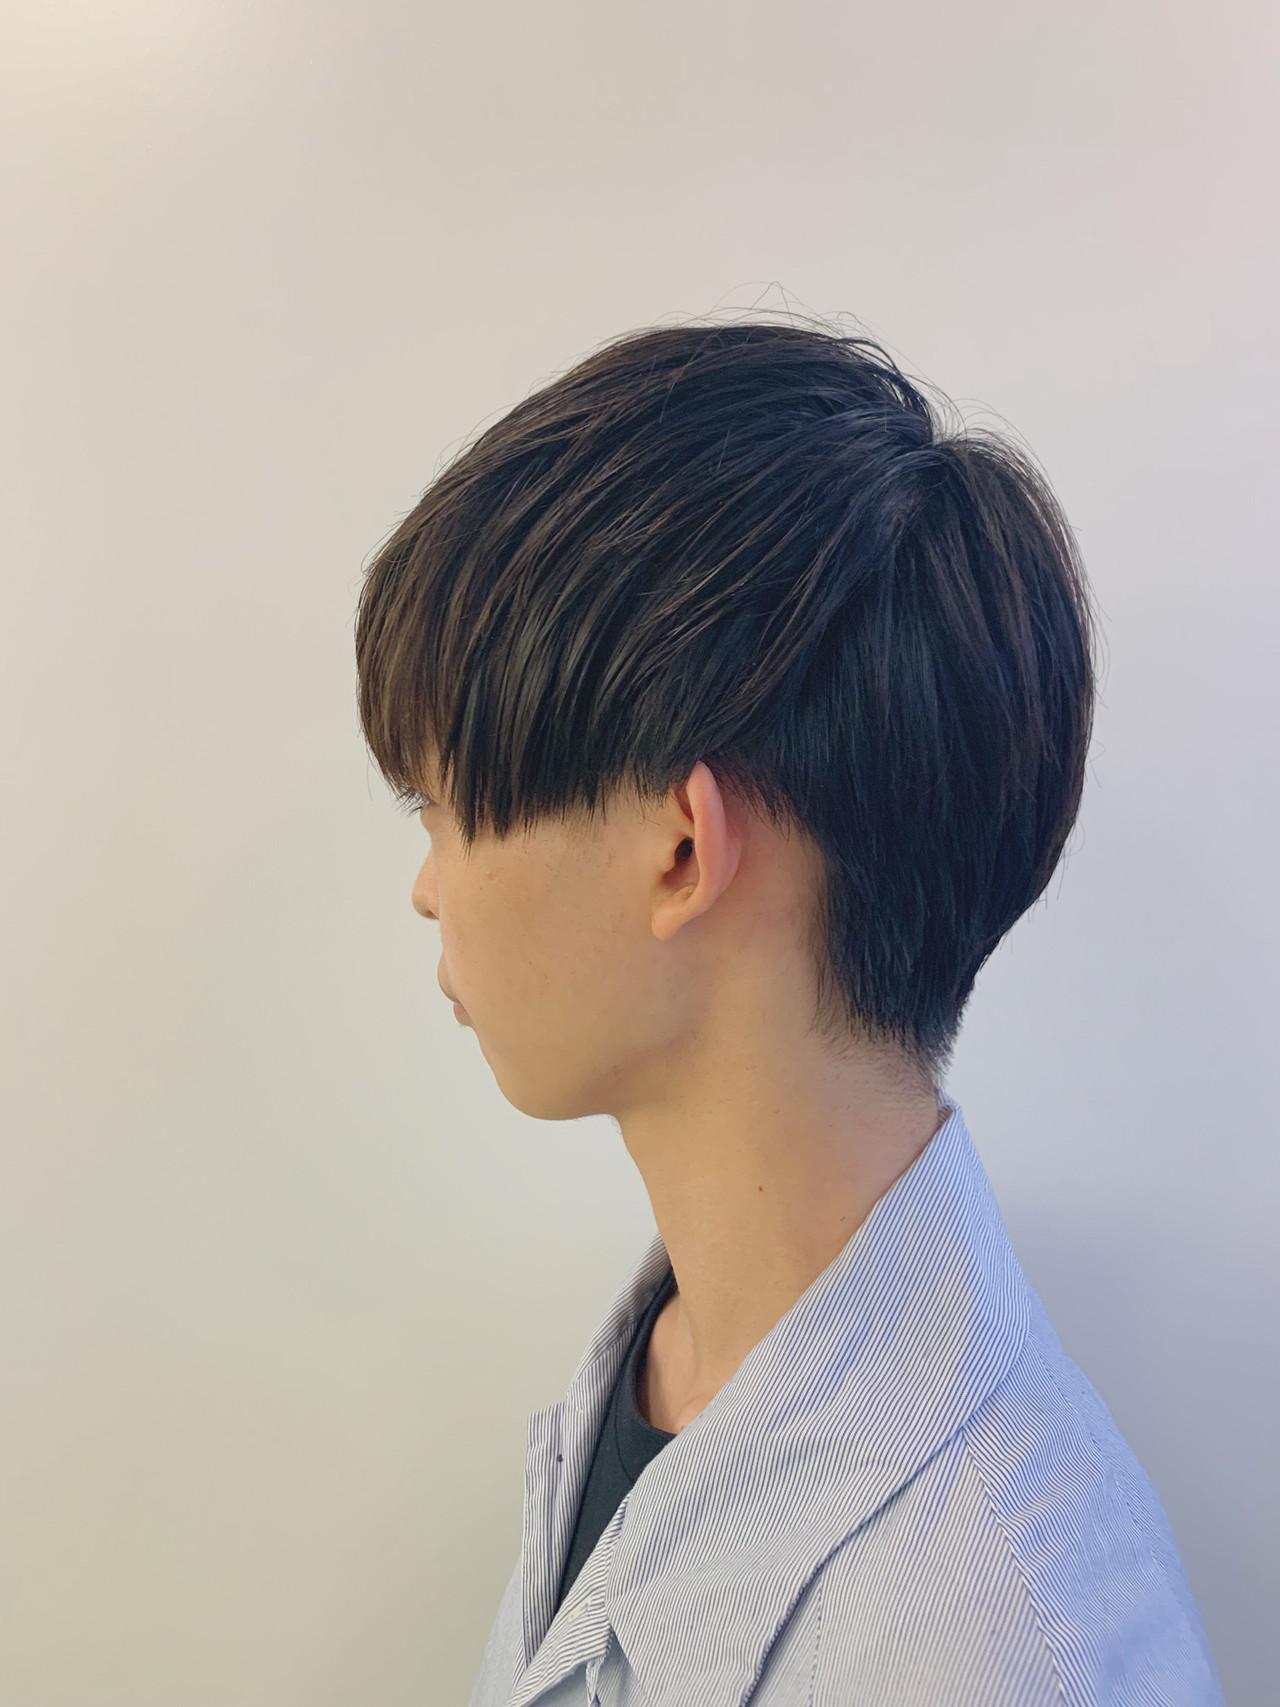 ショート メンズカット メンズ ナチュラル ヘアスタイルや髪型の写真・画像 | 大内 雅斗 / Alan Smithee kichijoji